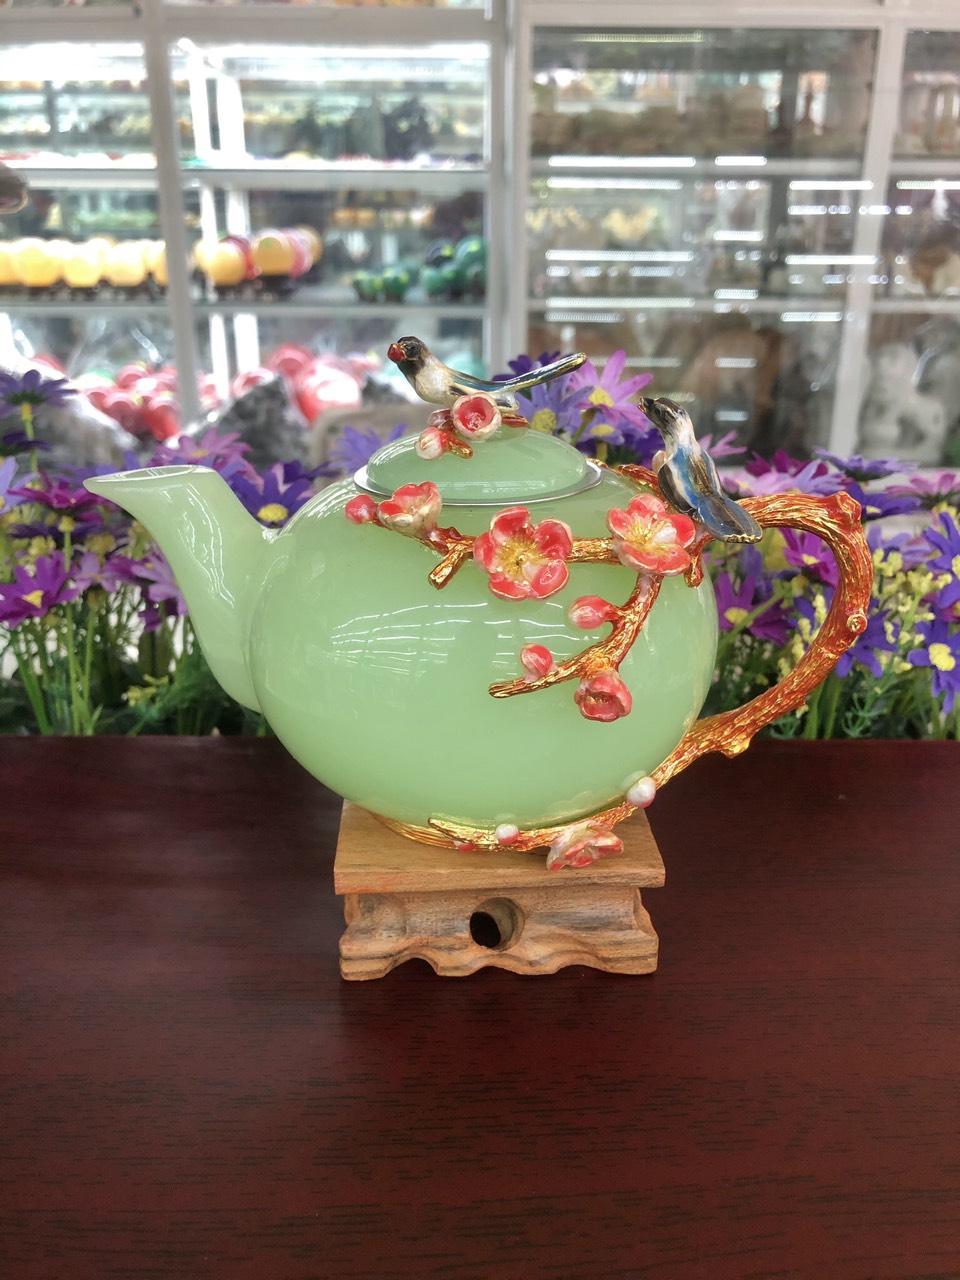 Bộ ấm trà chạm hoa mai và chim với ly chạm chữ đá ngọc cẩm thạch xanh